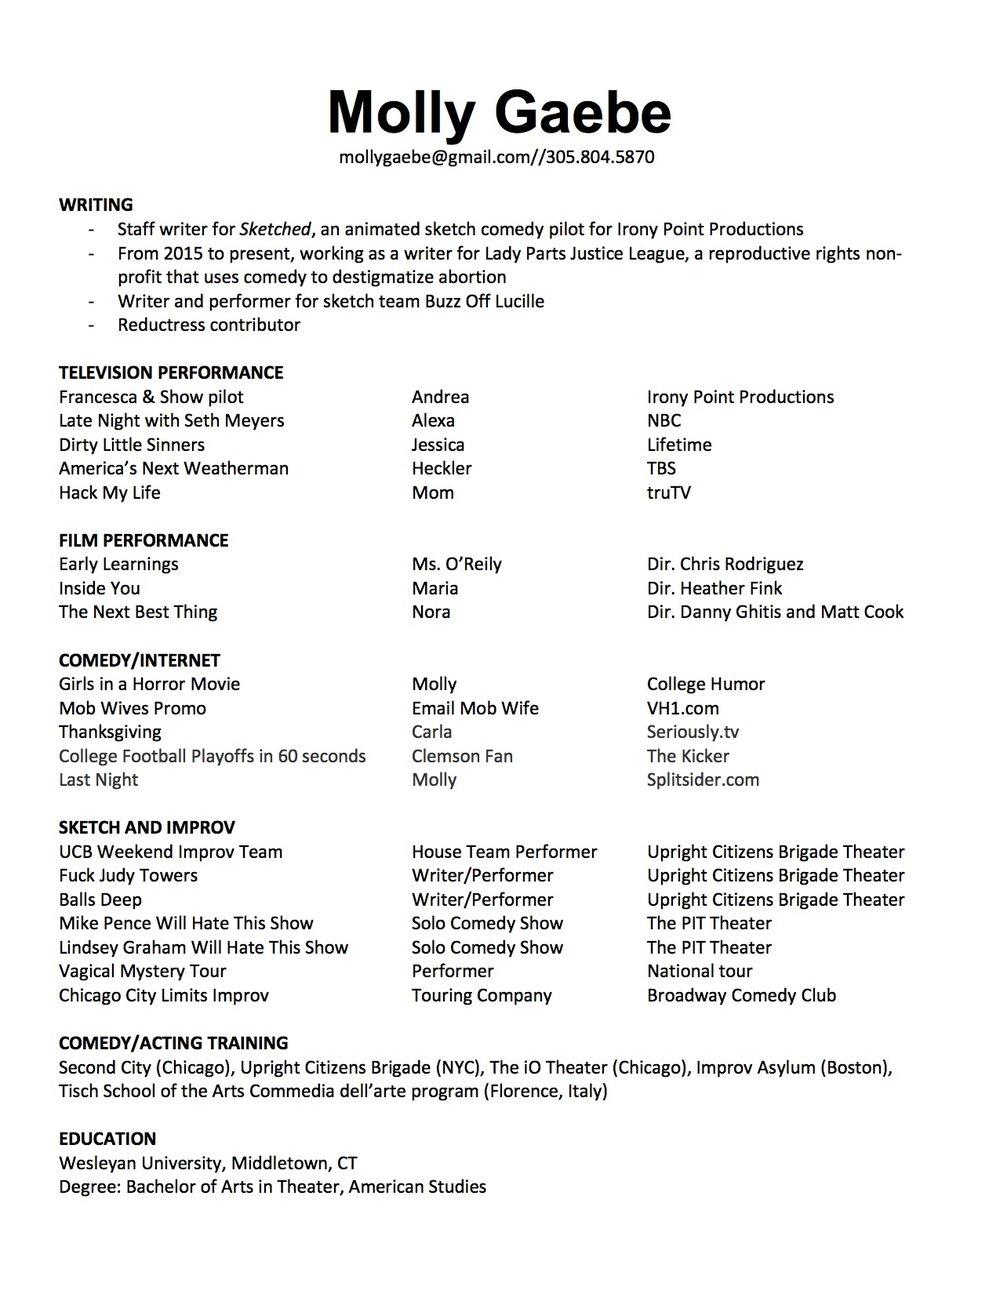 Resume for Val.jpg